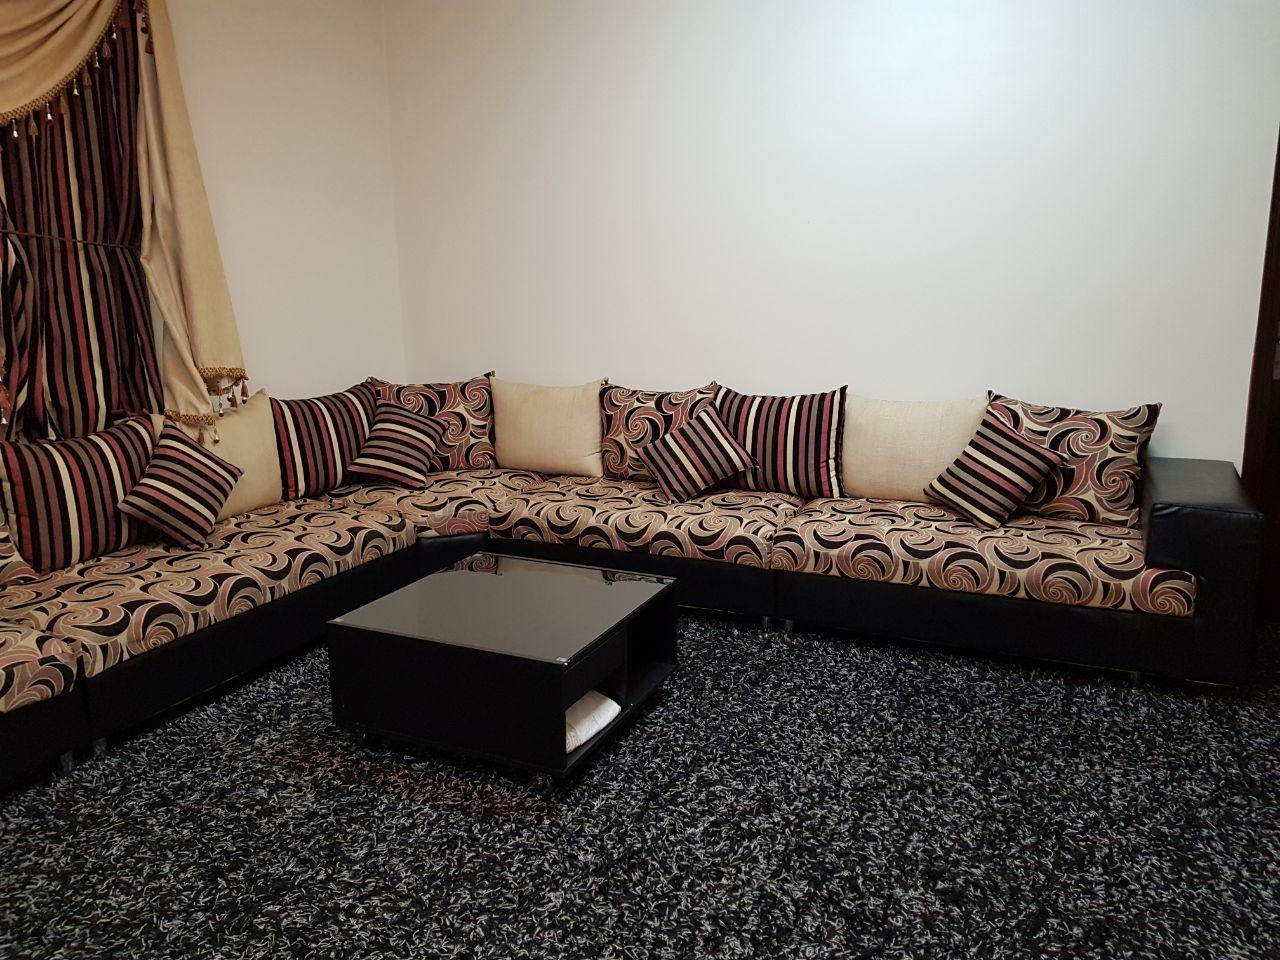 بالصور اثاث مستعمل بالرياض , اسواق واماكن بيع الاثاث المستعمل في الرياض 118 10